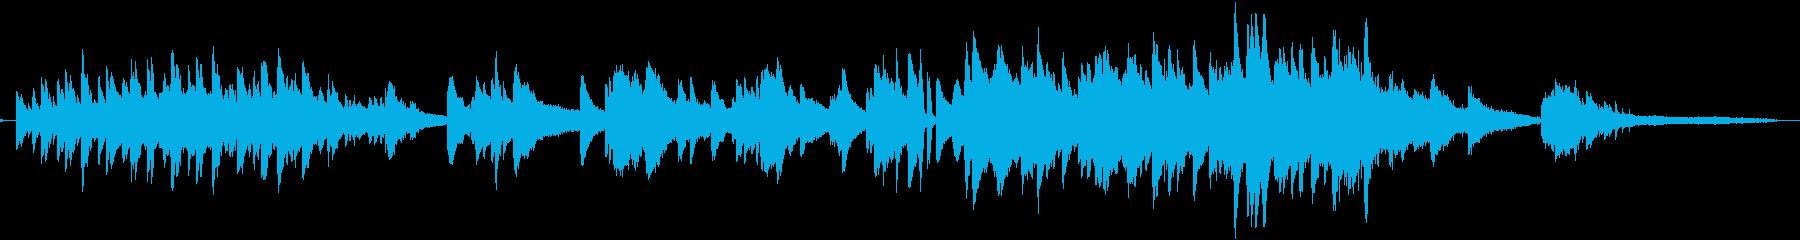 しっとり感動的なピアノとストリングスの再生済みの波形